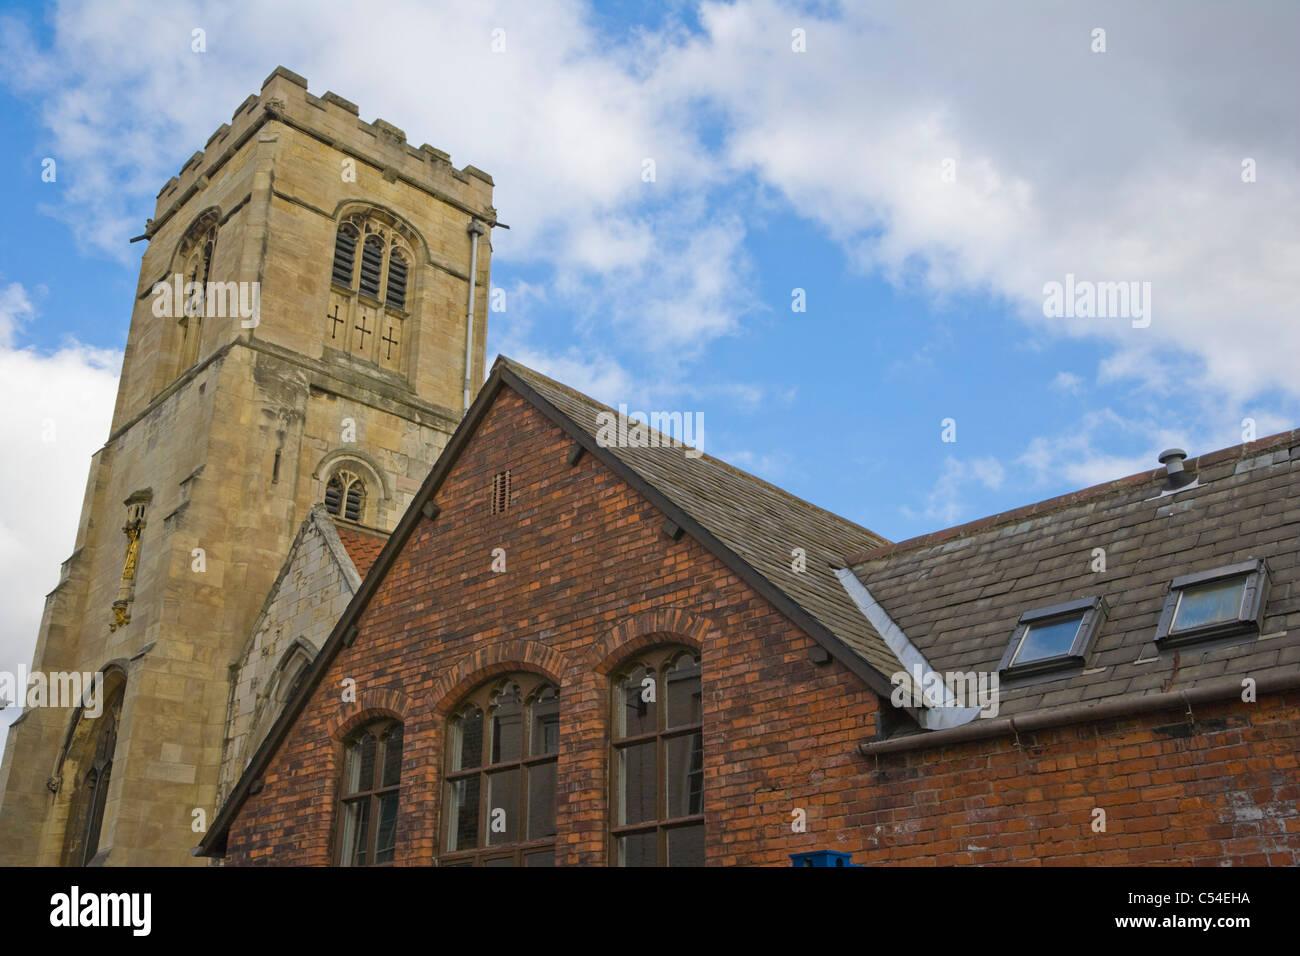 St Sampsons Centre For Over 60s Church Street York Yorkshire England Uk